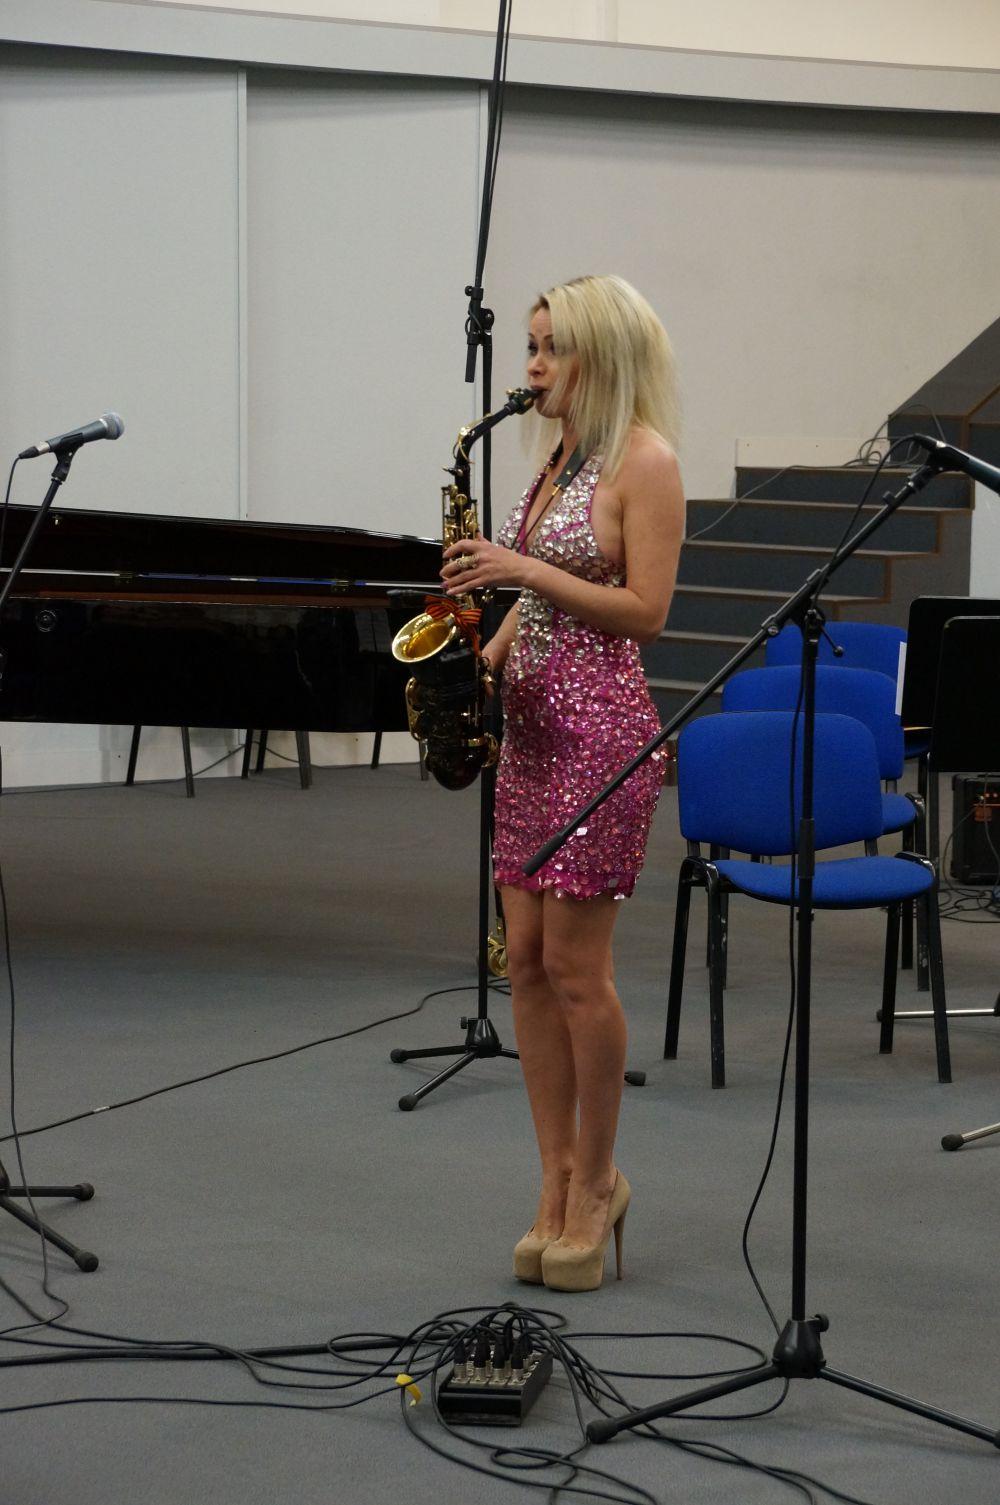 Елена Данник порадовала гостей музыкального марафона игрой на саксофоне.